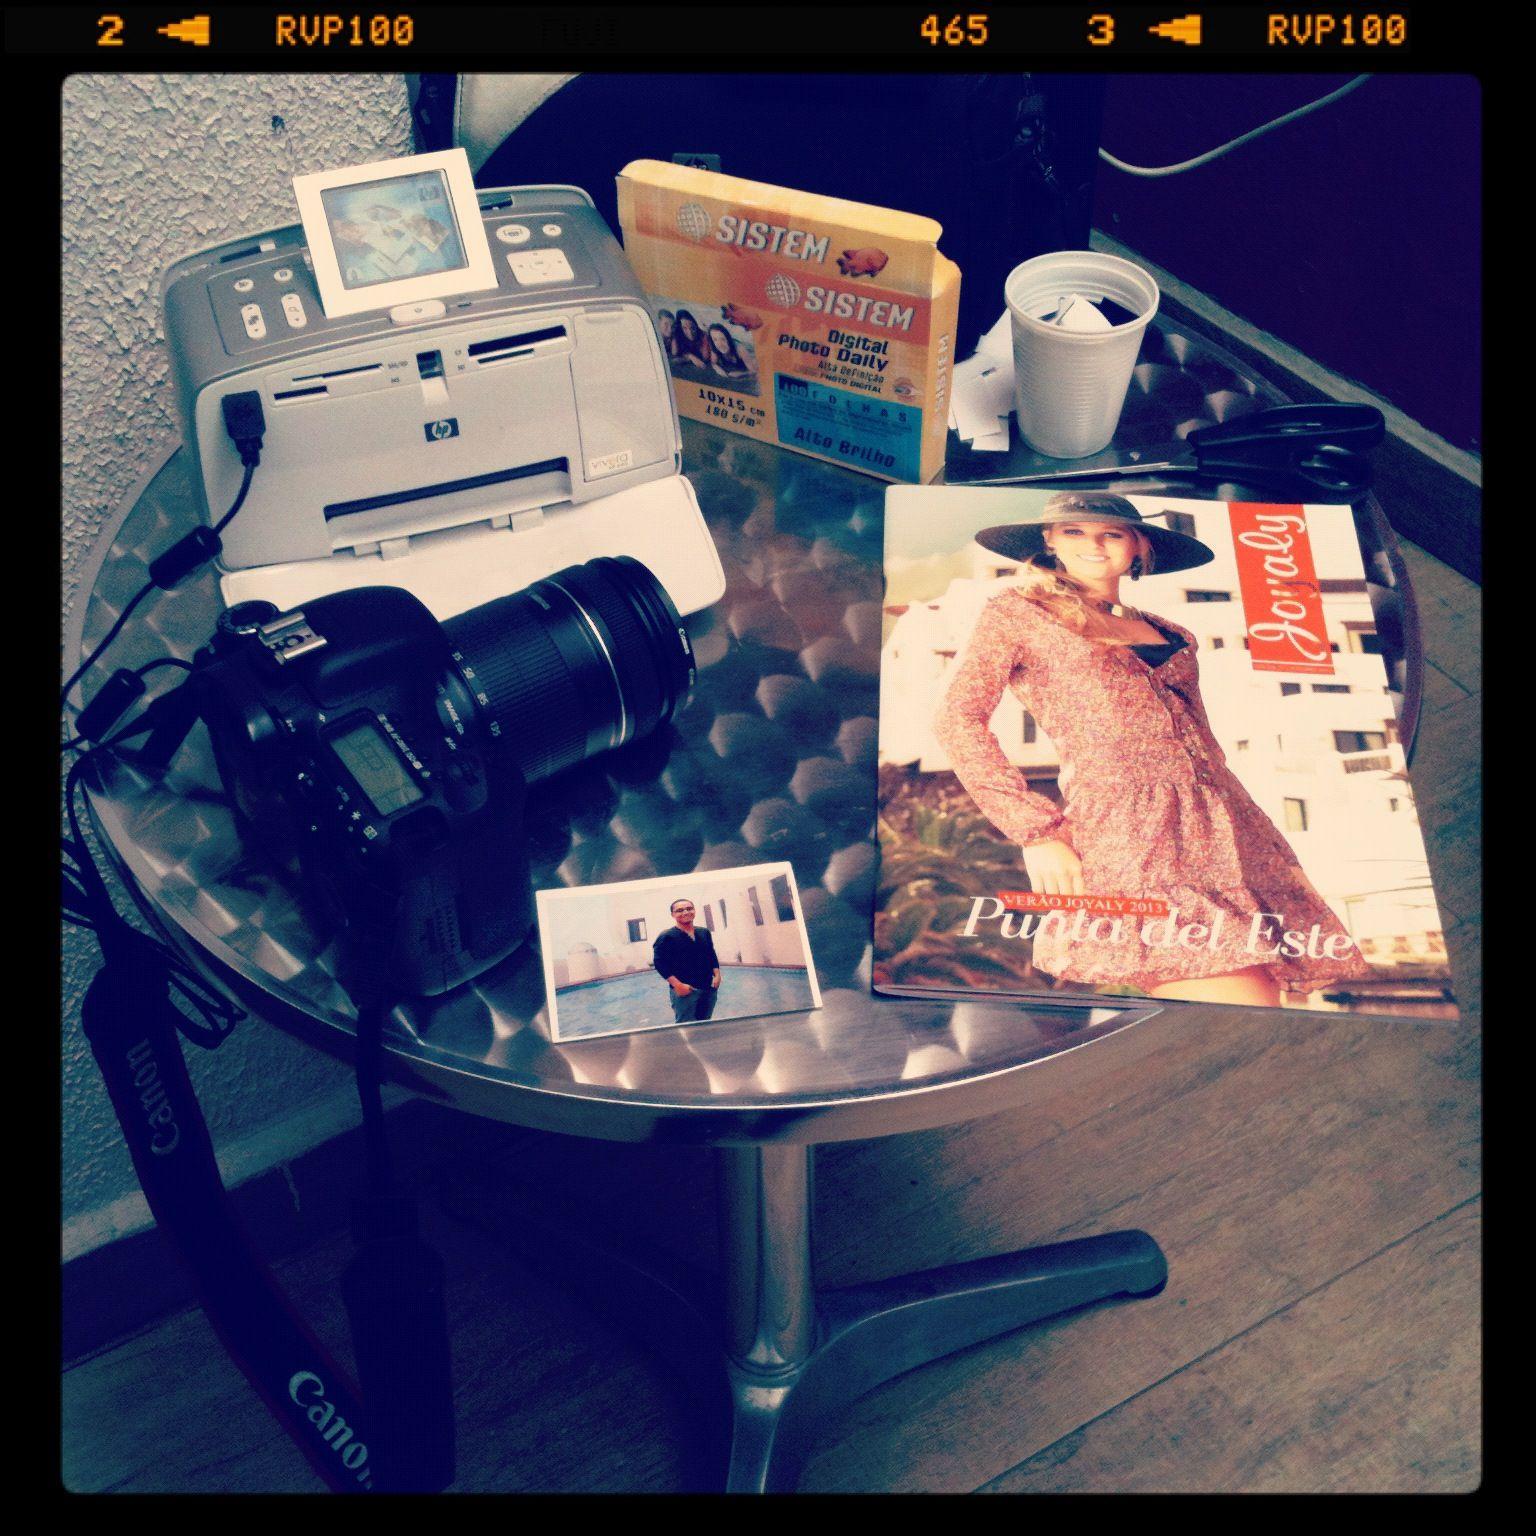 Nossa mesa de foto brinde, venha conhecer a coleção de verão 2013 e leve sua foto personalizada.